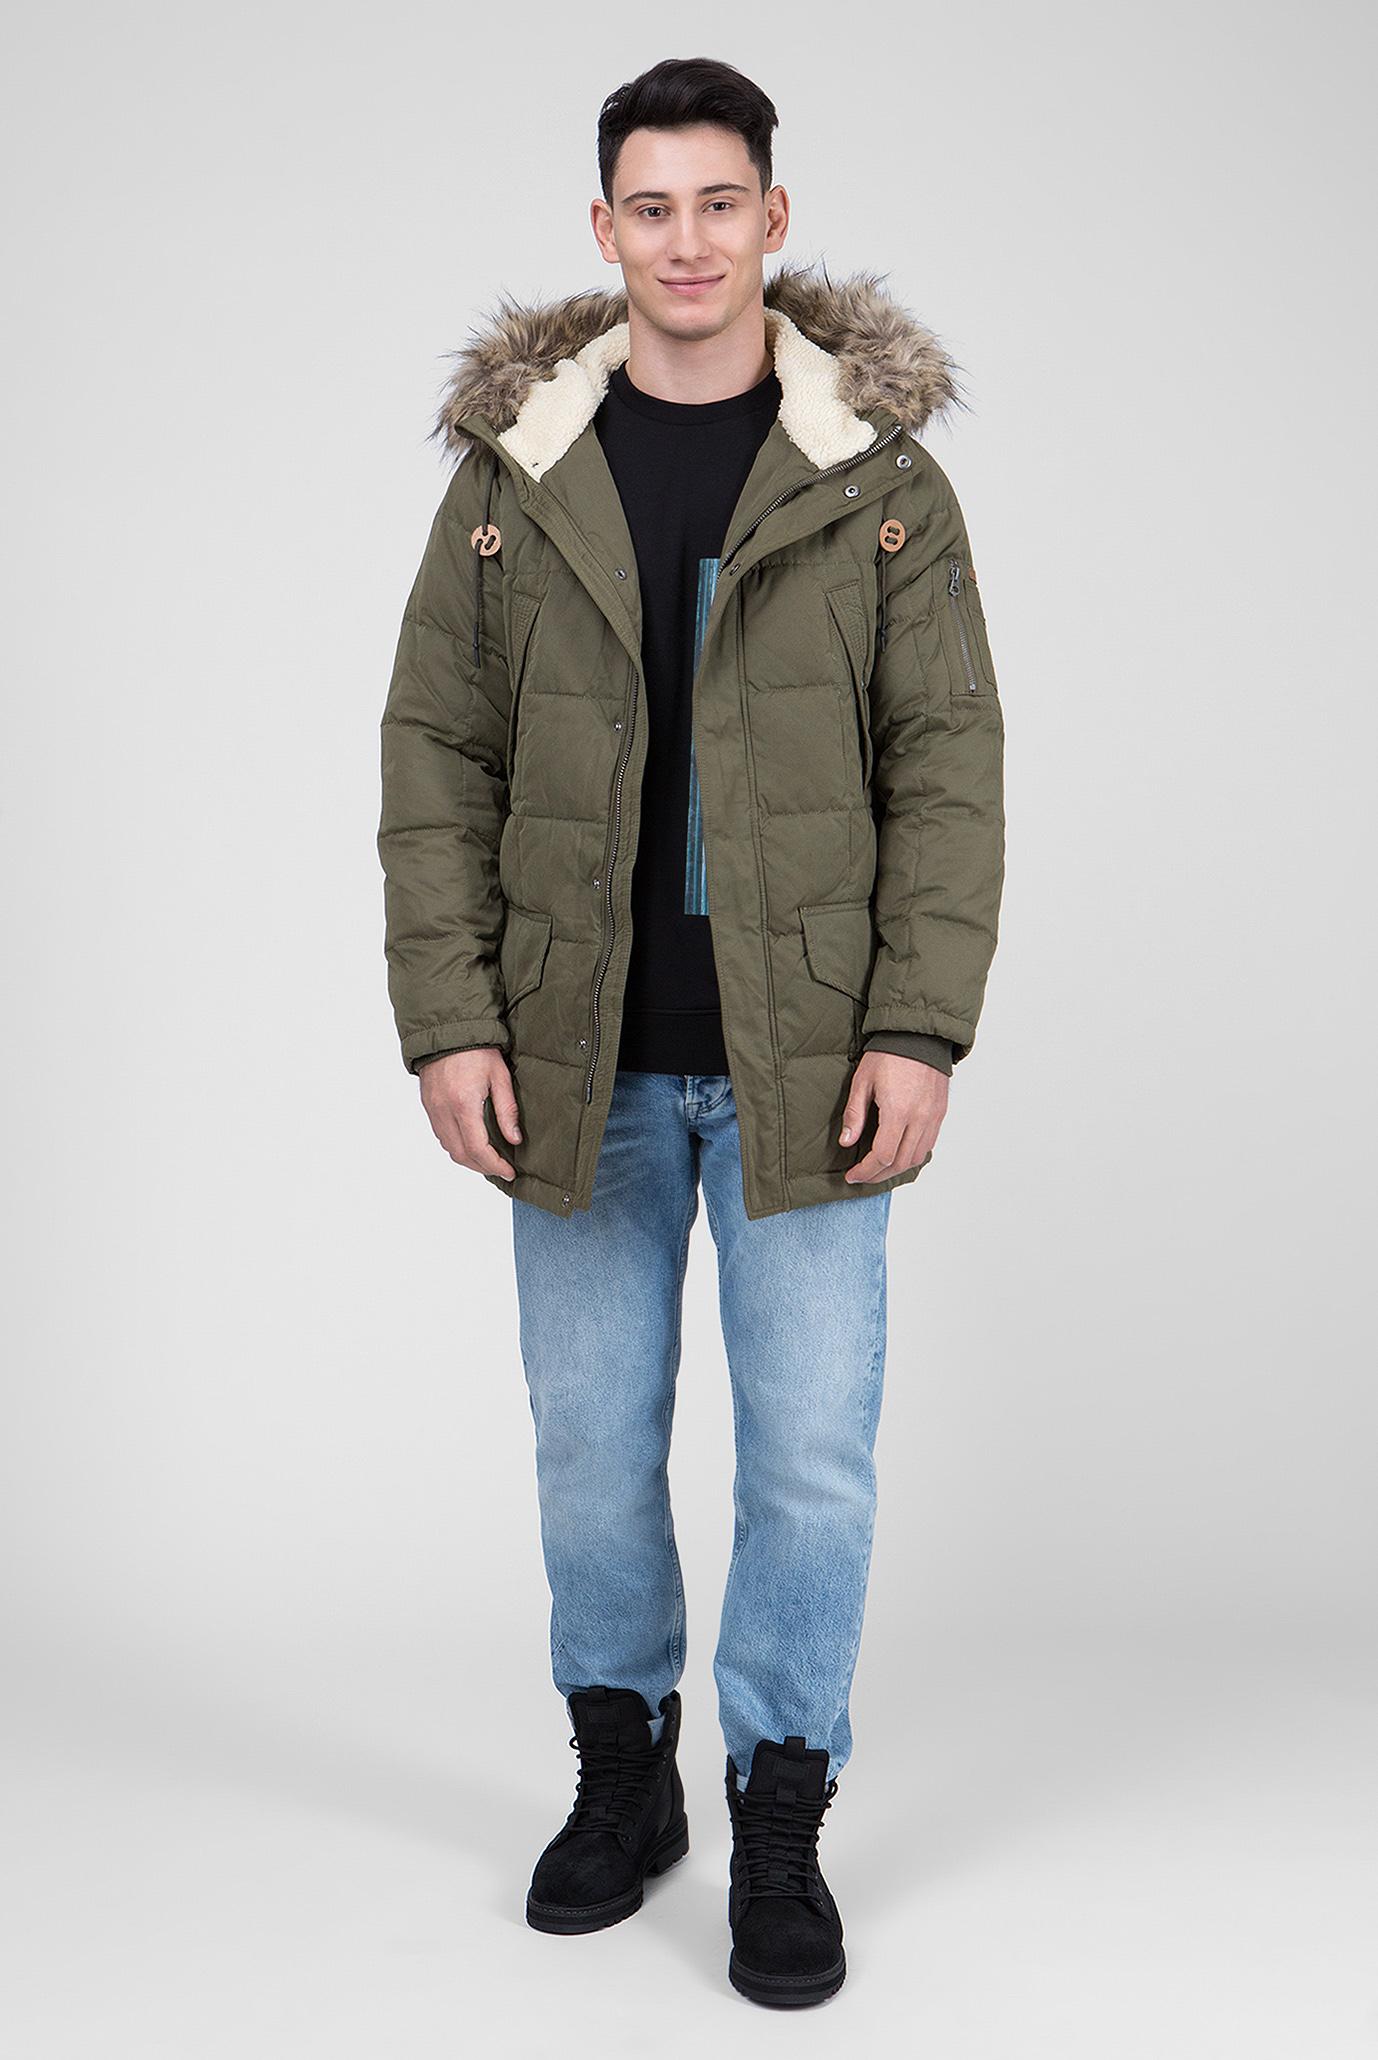 Купить Мужская зеленая пуховая парка WOODLANDS Pepe Jeans Pepe Jeans PM401932 – Киев, Украина. Цены в интернет магазине MD Fashion